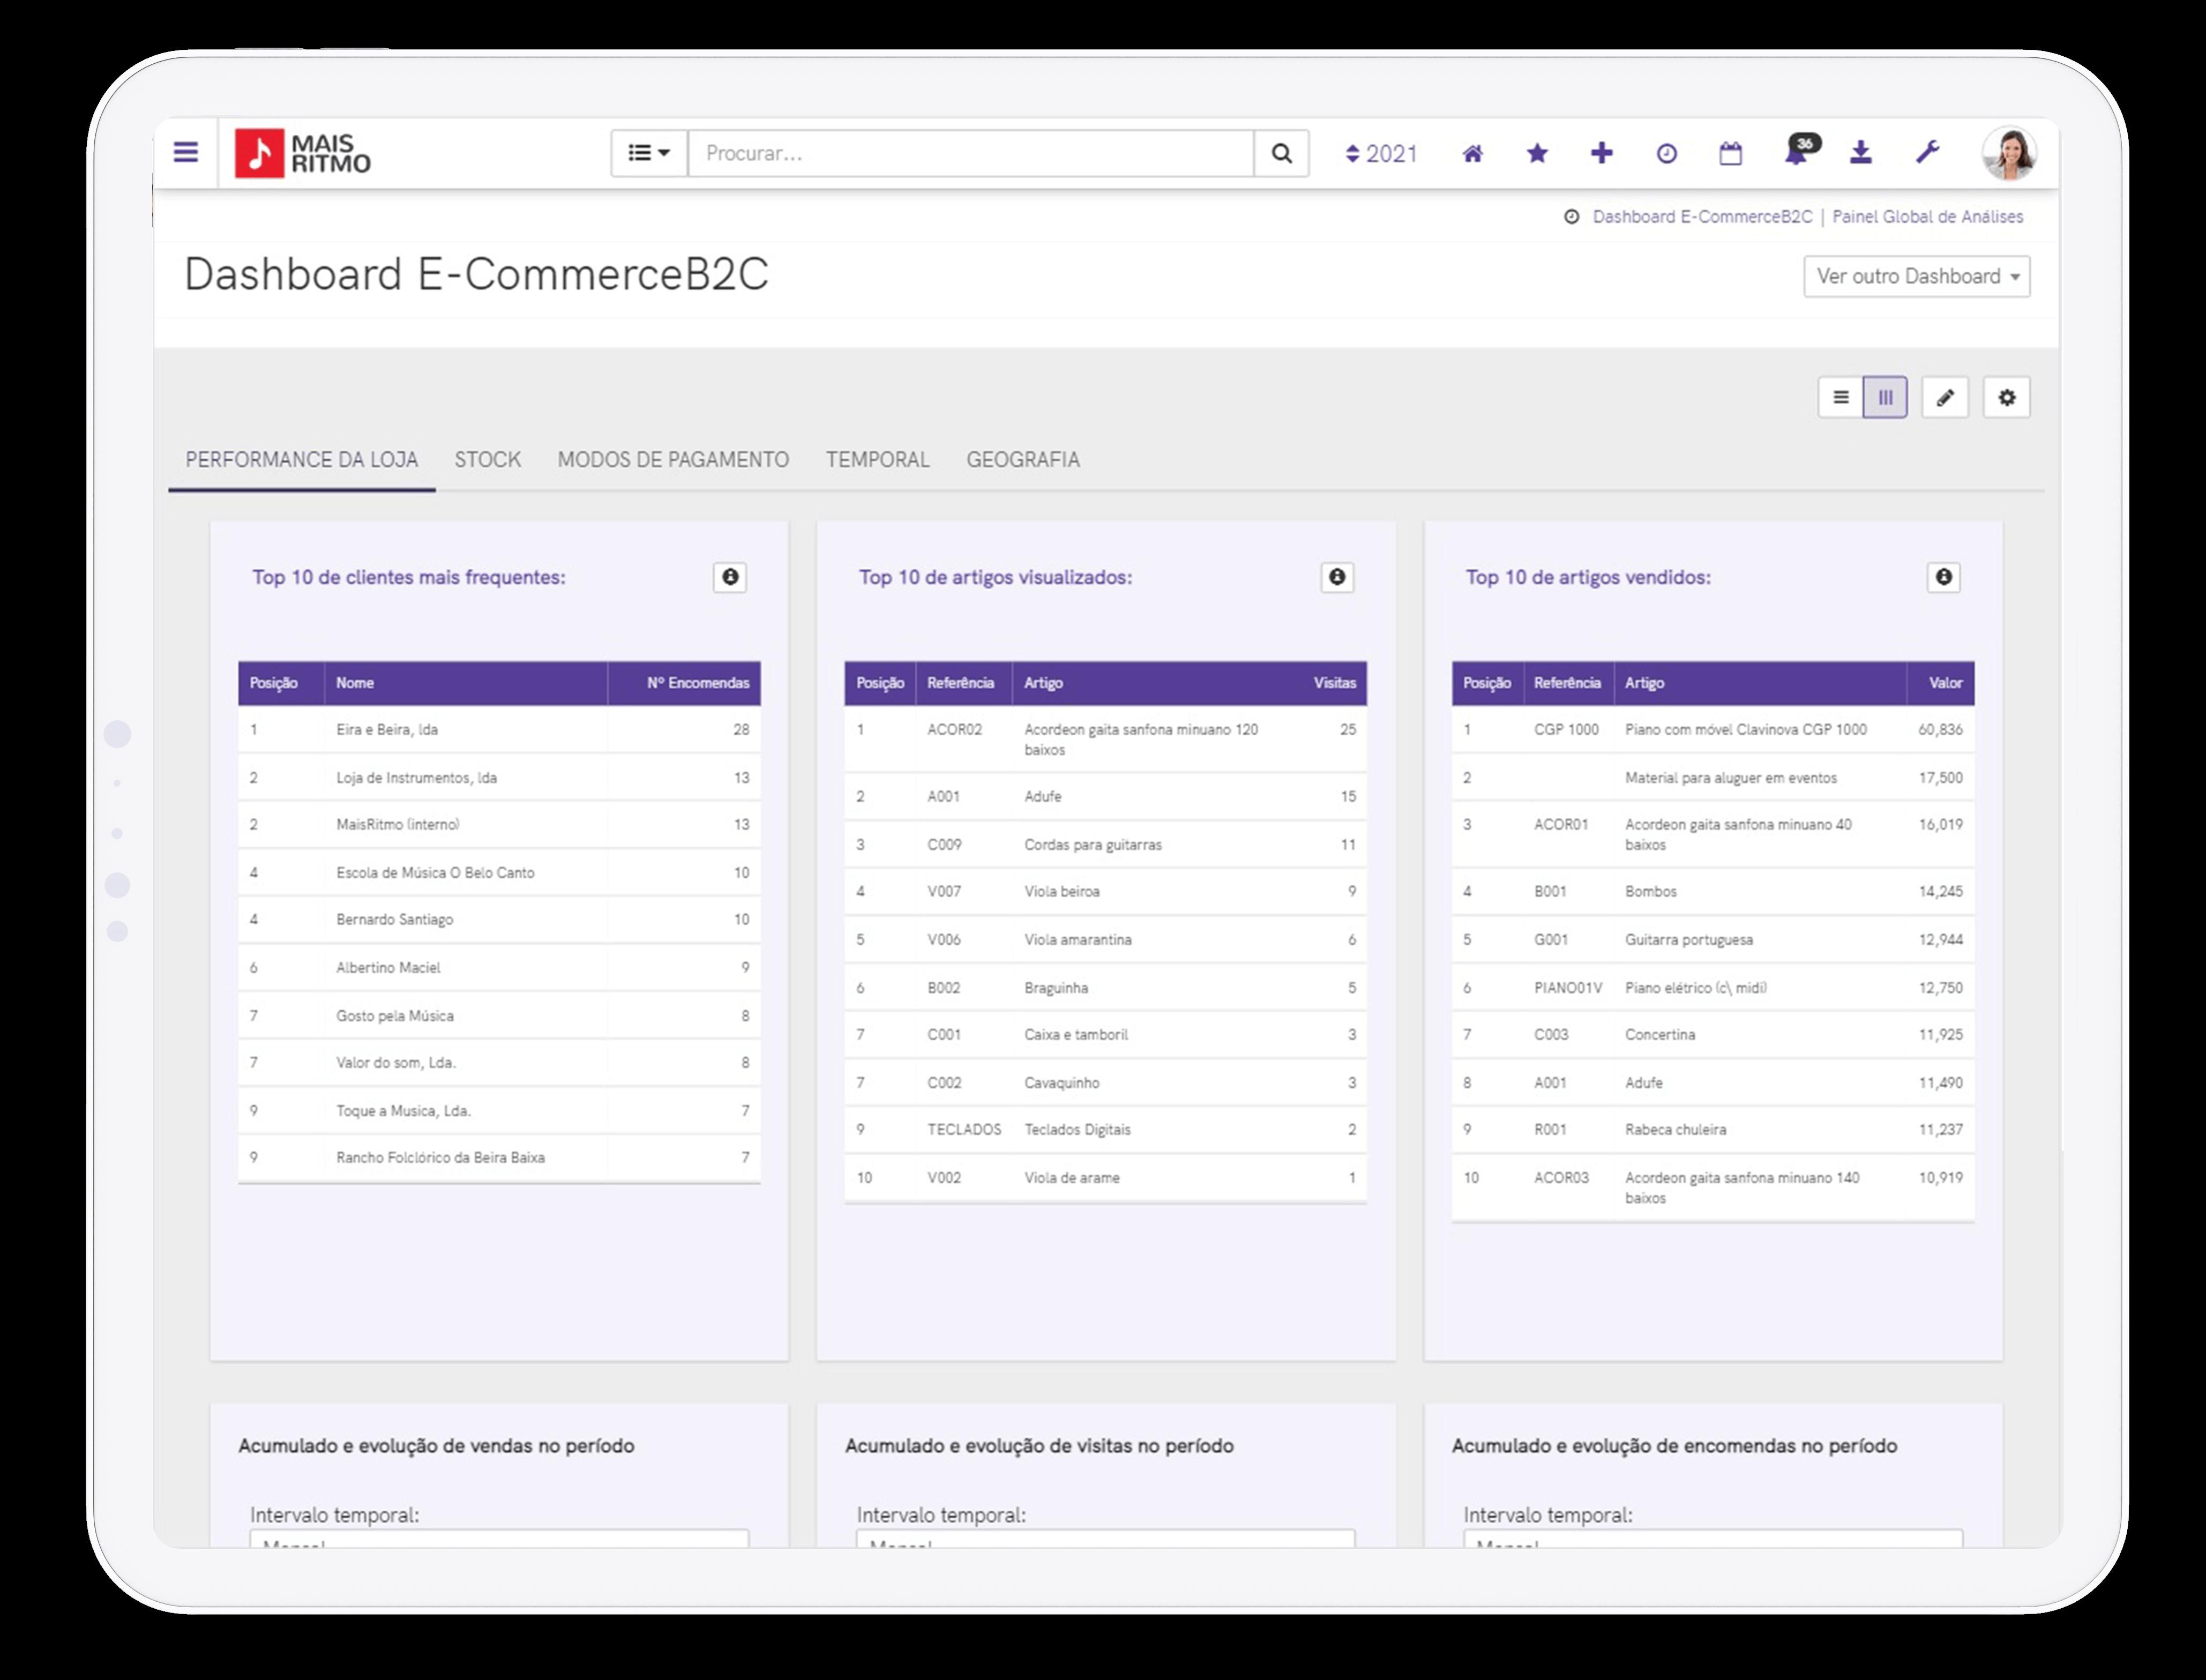 Solução de Gestão PHC CS - Dashboard e-Commerce B2C